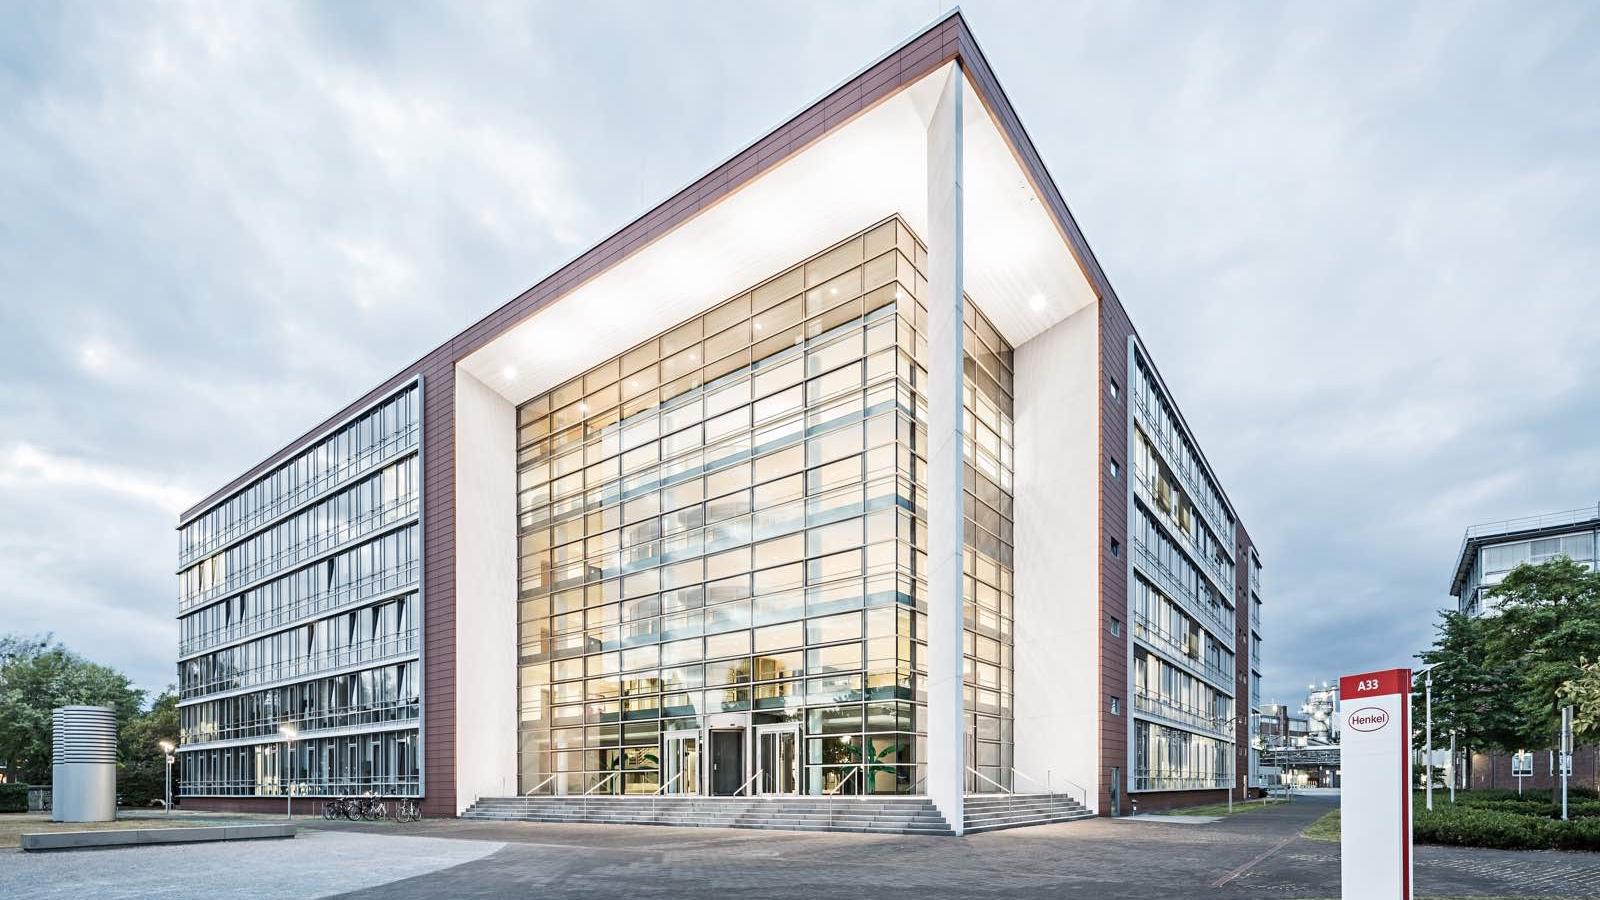 New Work @ Henkel: So verändert sich ein Konzern.